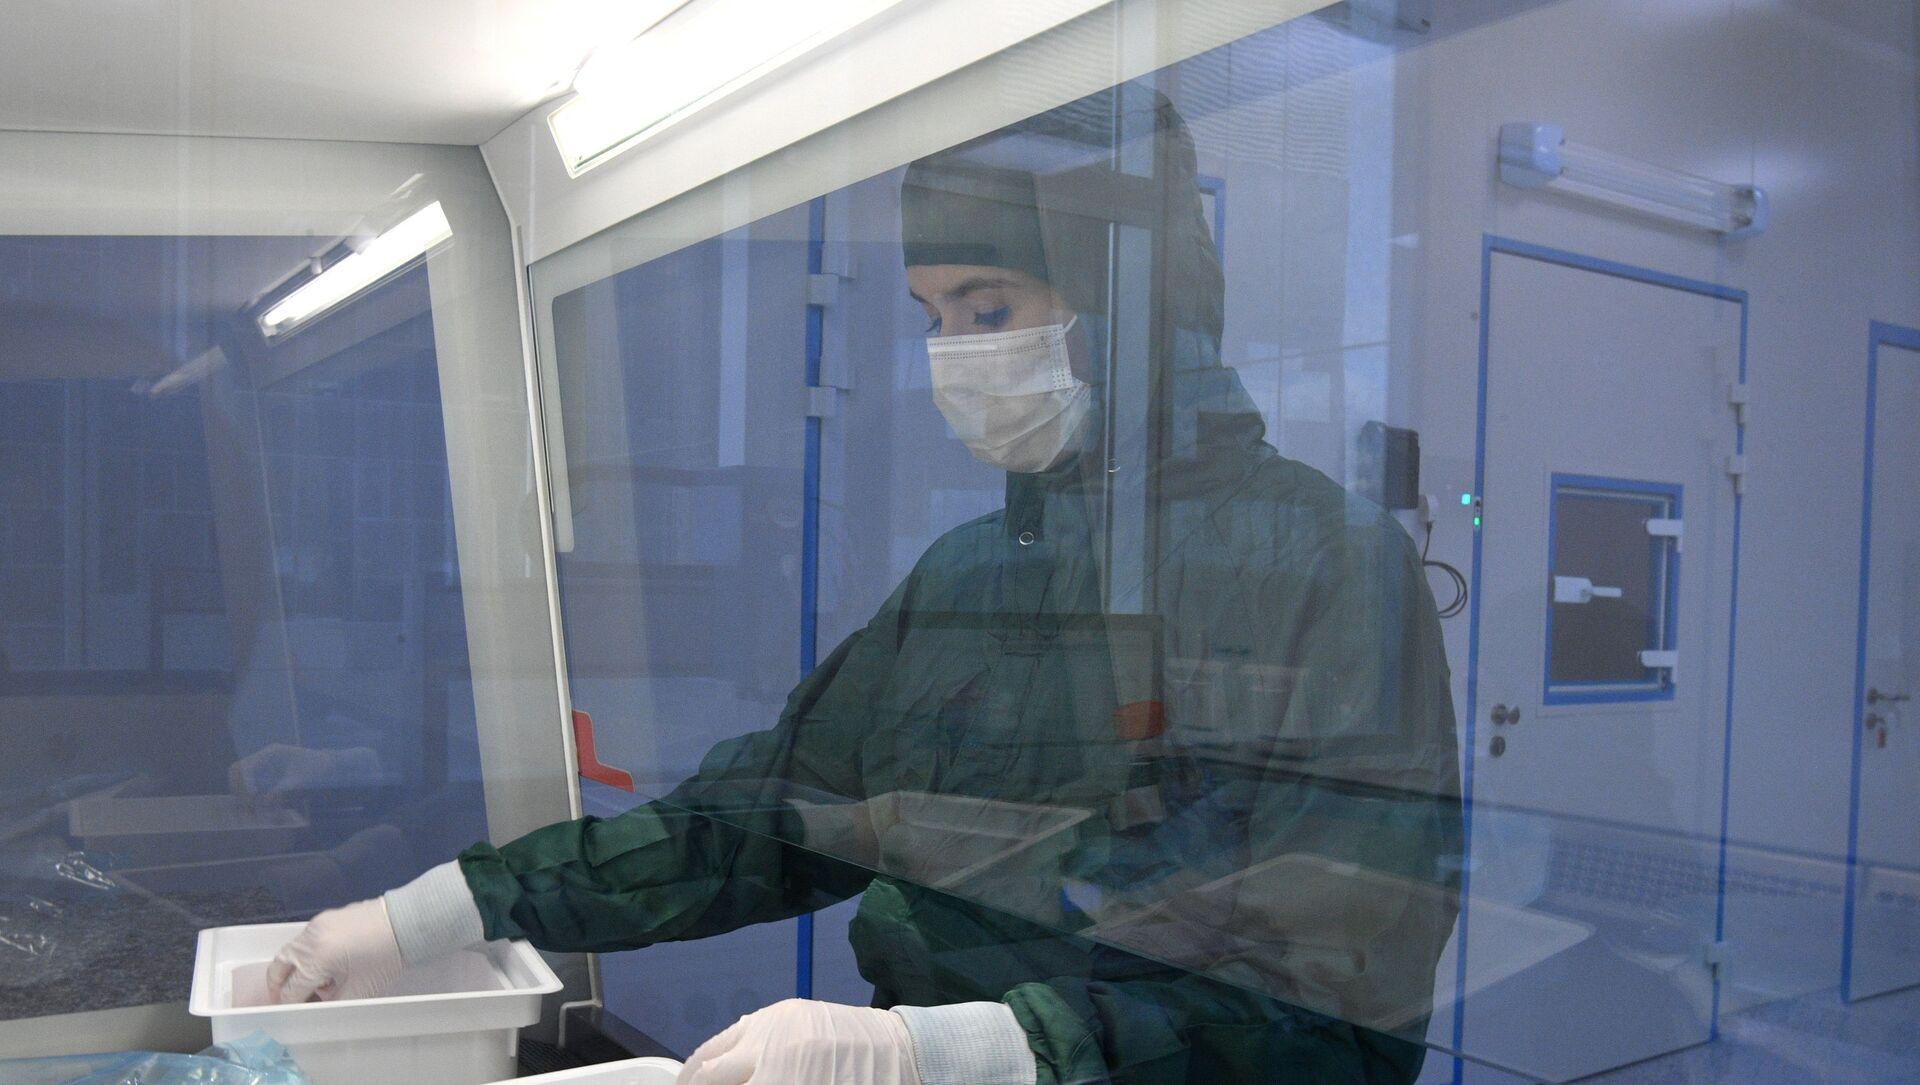 Лаборатория по производству реагентов для экспресс-тестов на коронавирус в Сколково - Sputnik Абхазия, 1920, 07.09.2021